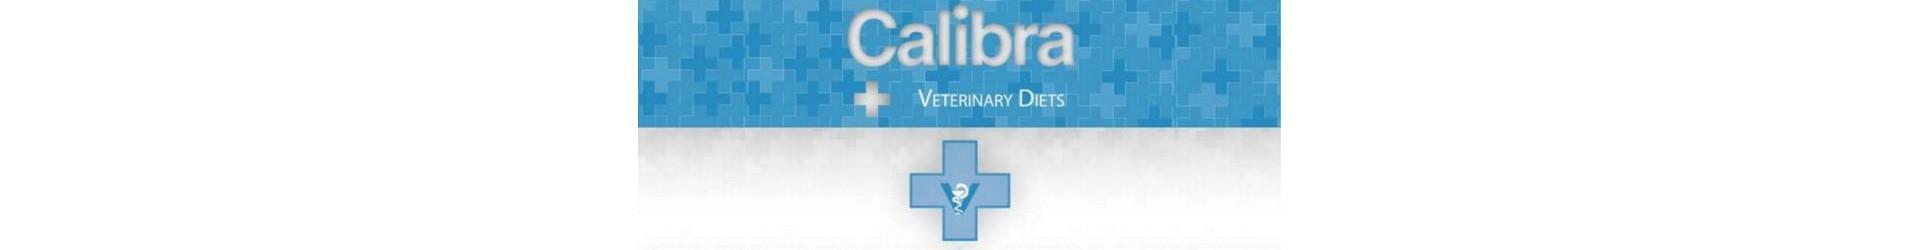 Calibra Veterinary Diets